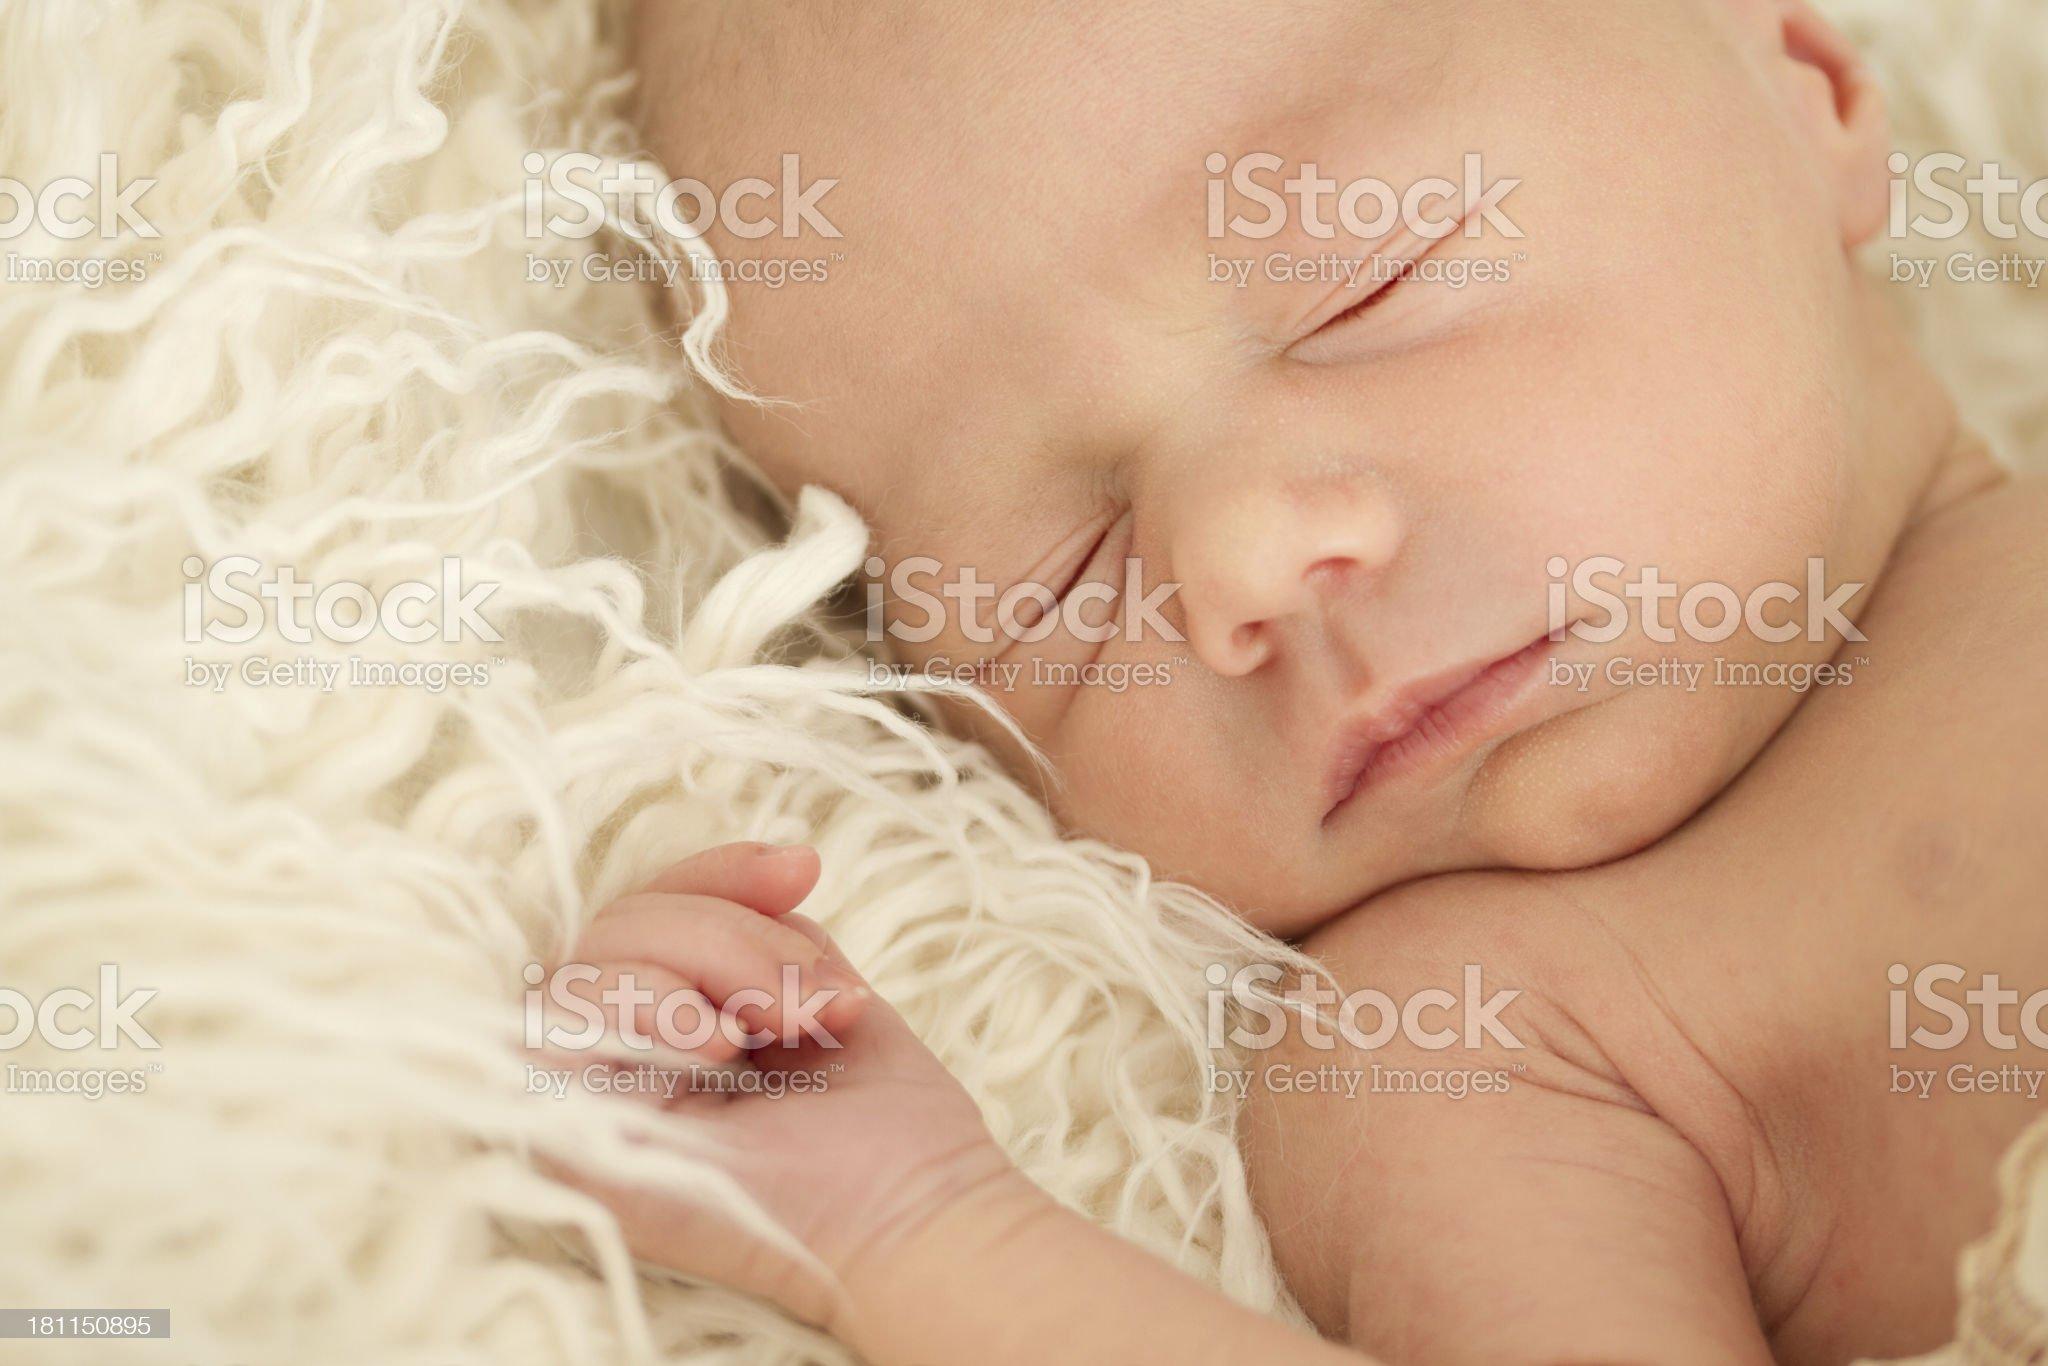 Newborn baby royalty-free stock photo